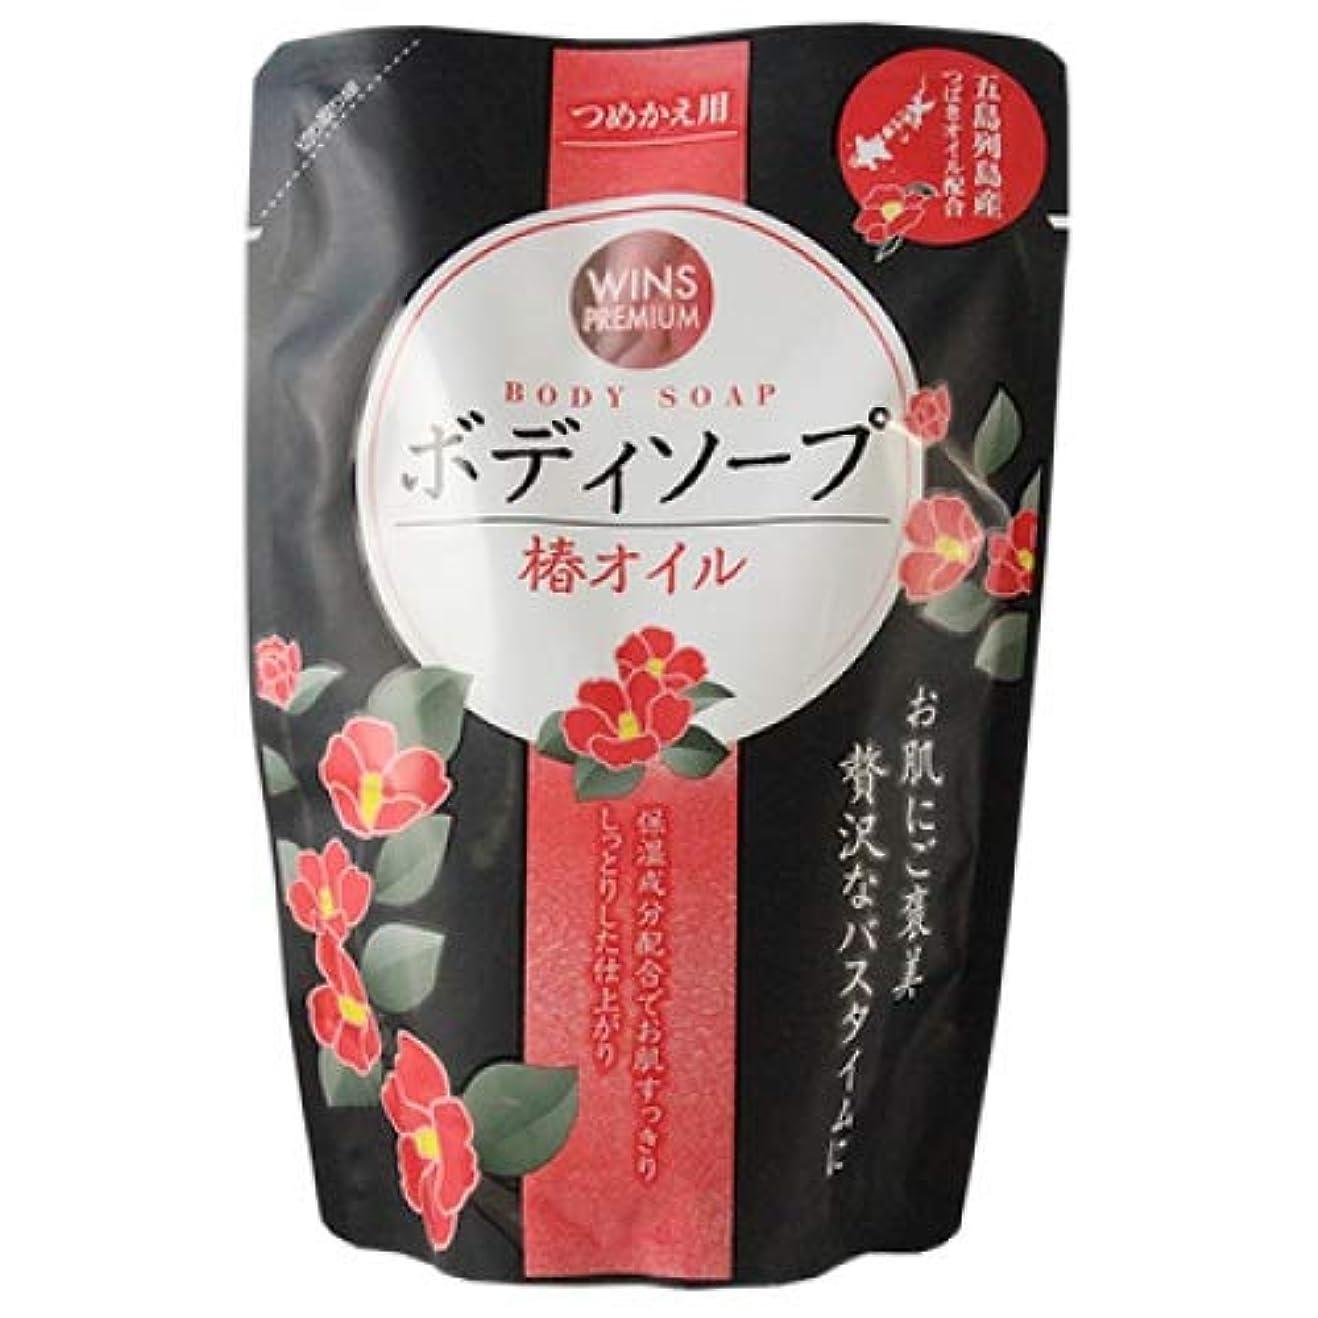 邪悪なプログレッシブ作物日本合成洗剤 ウインズ 椿オイル ボディソープ つめかえ用 400mL 4904112827240